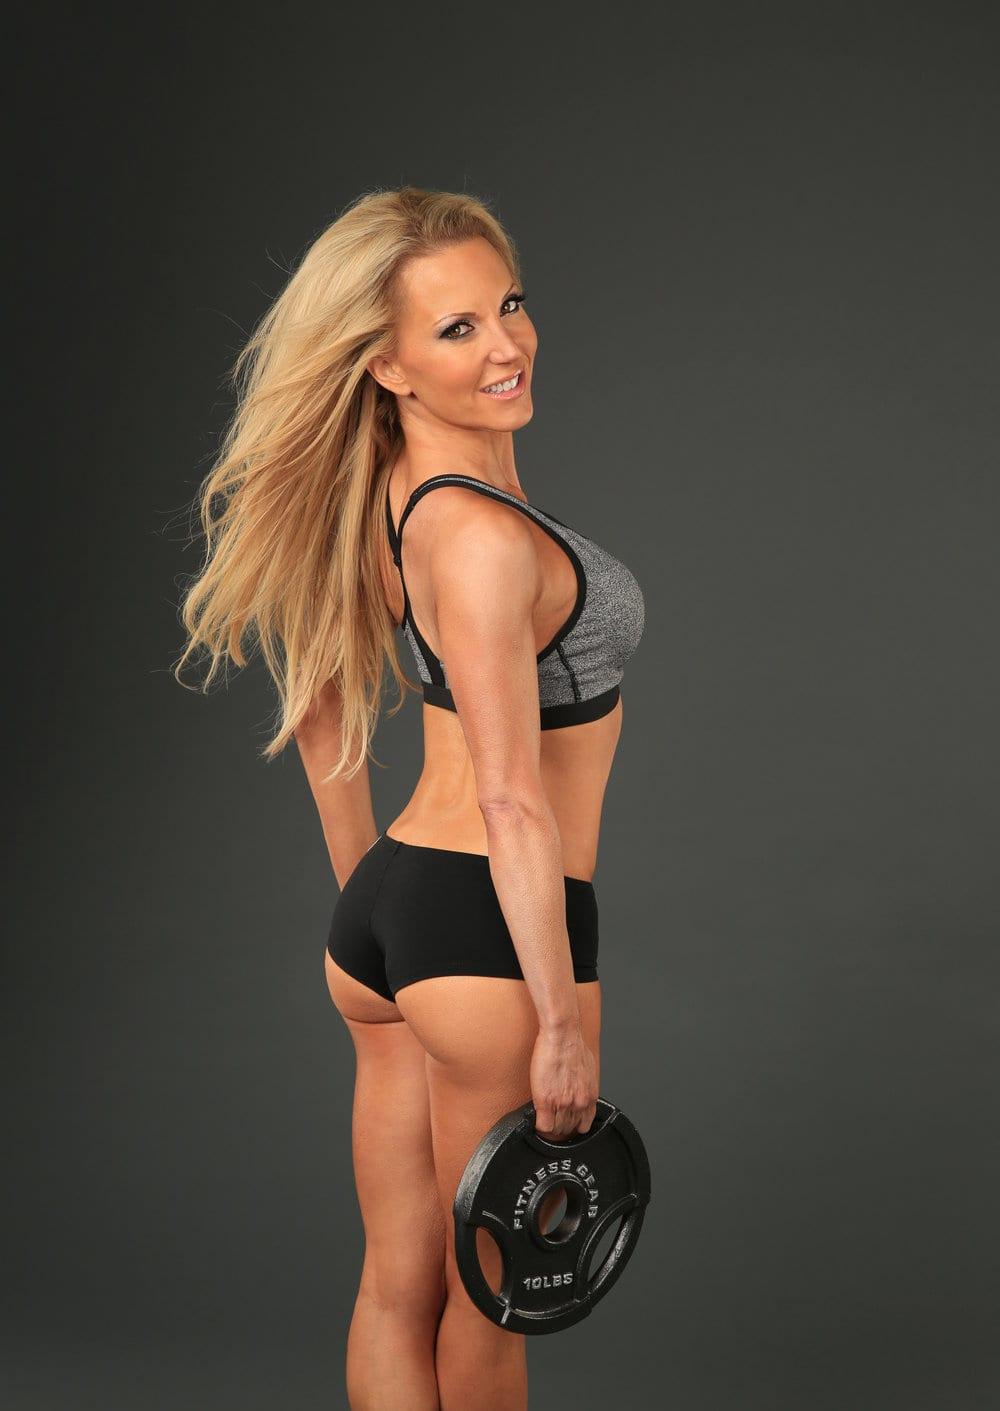 健身模型伊芙道斯重量板灰色锻炼上衣